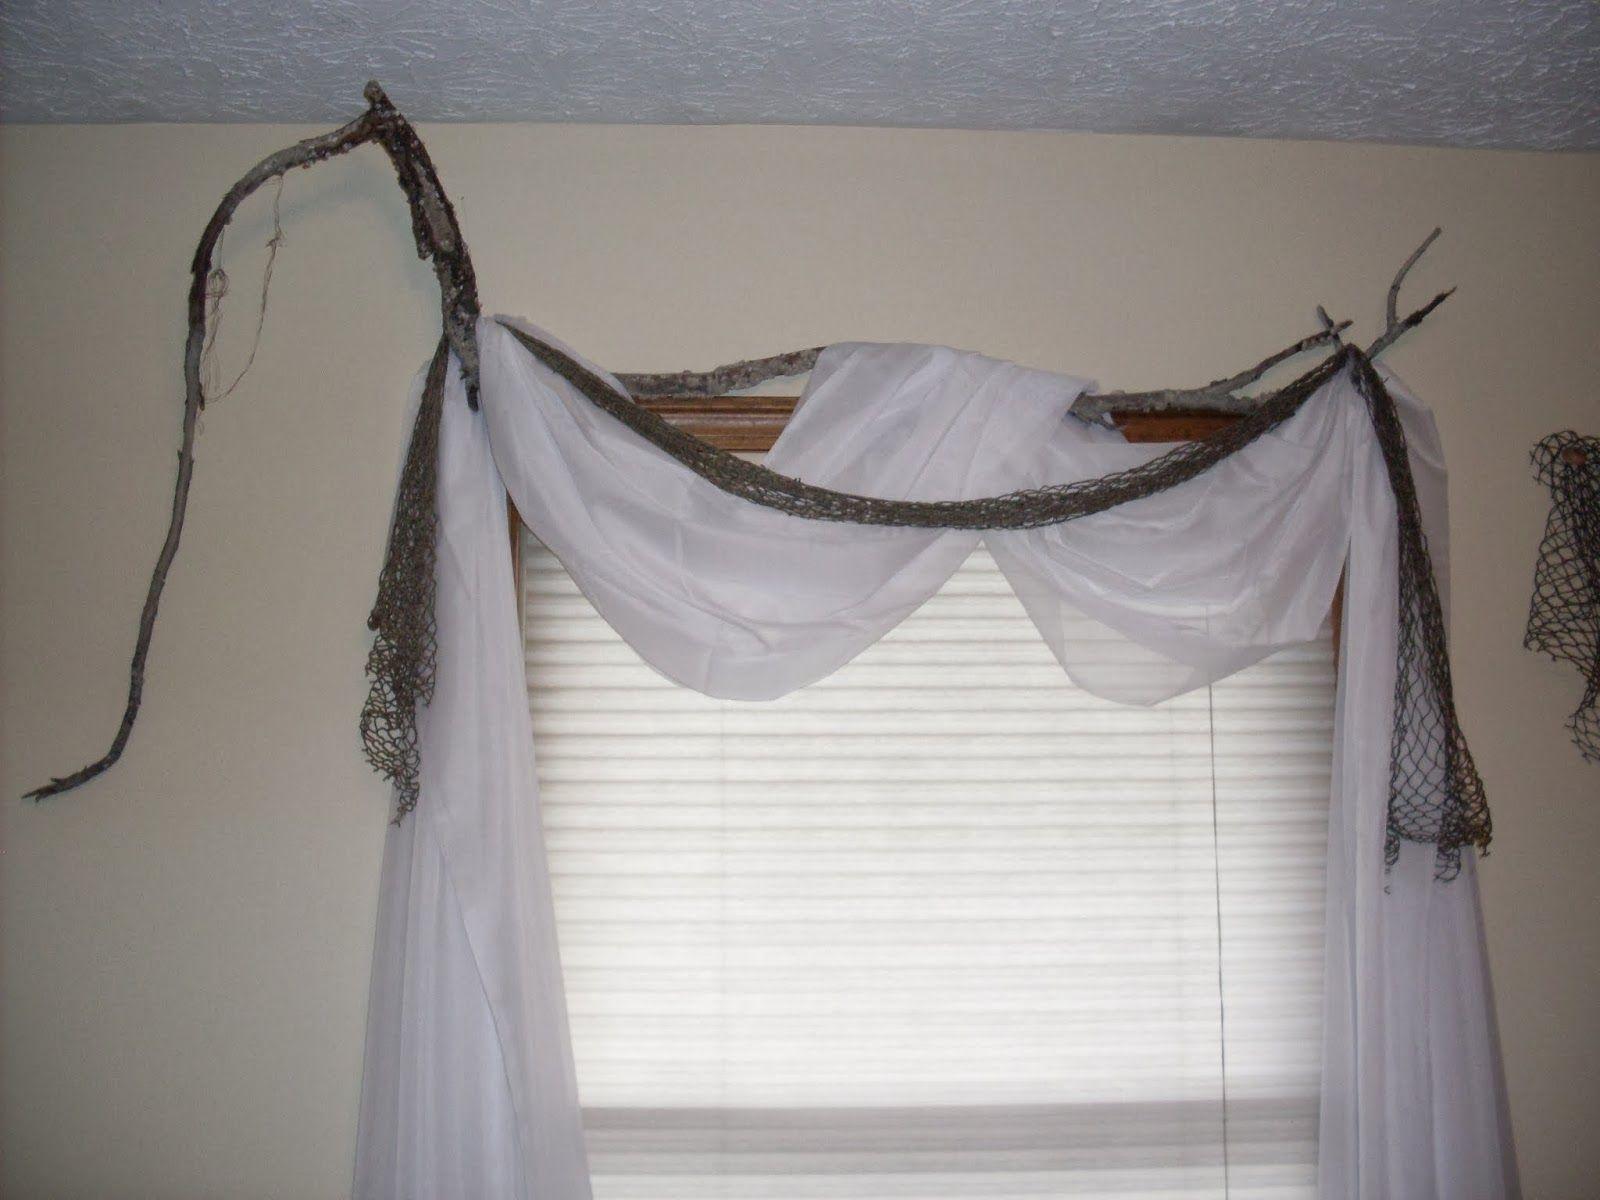 Driftwood As A Curtain Rod